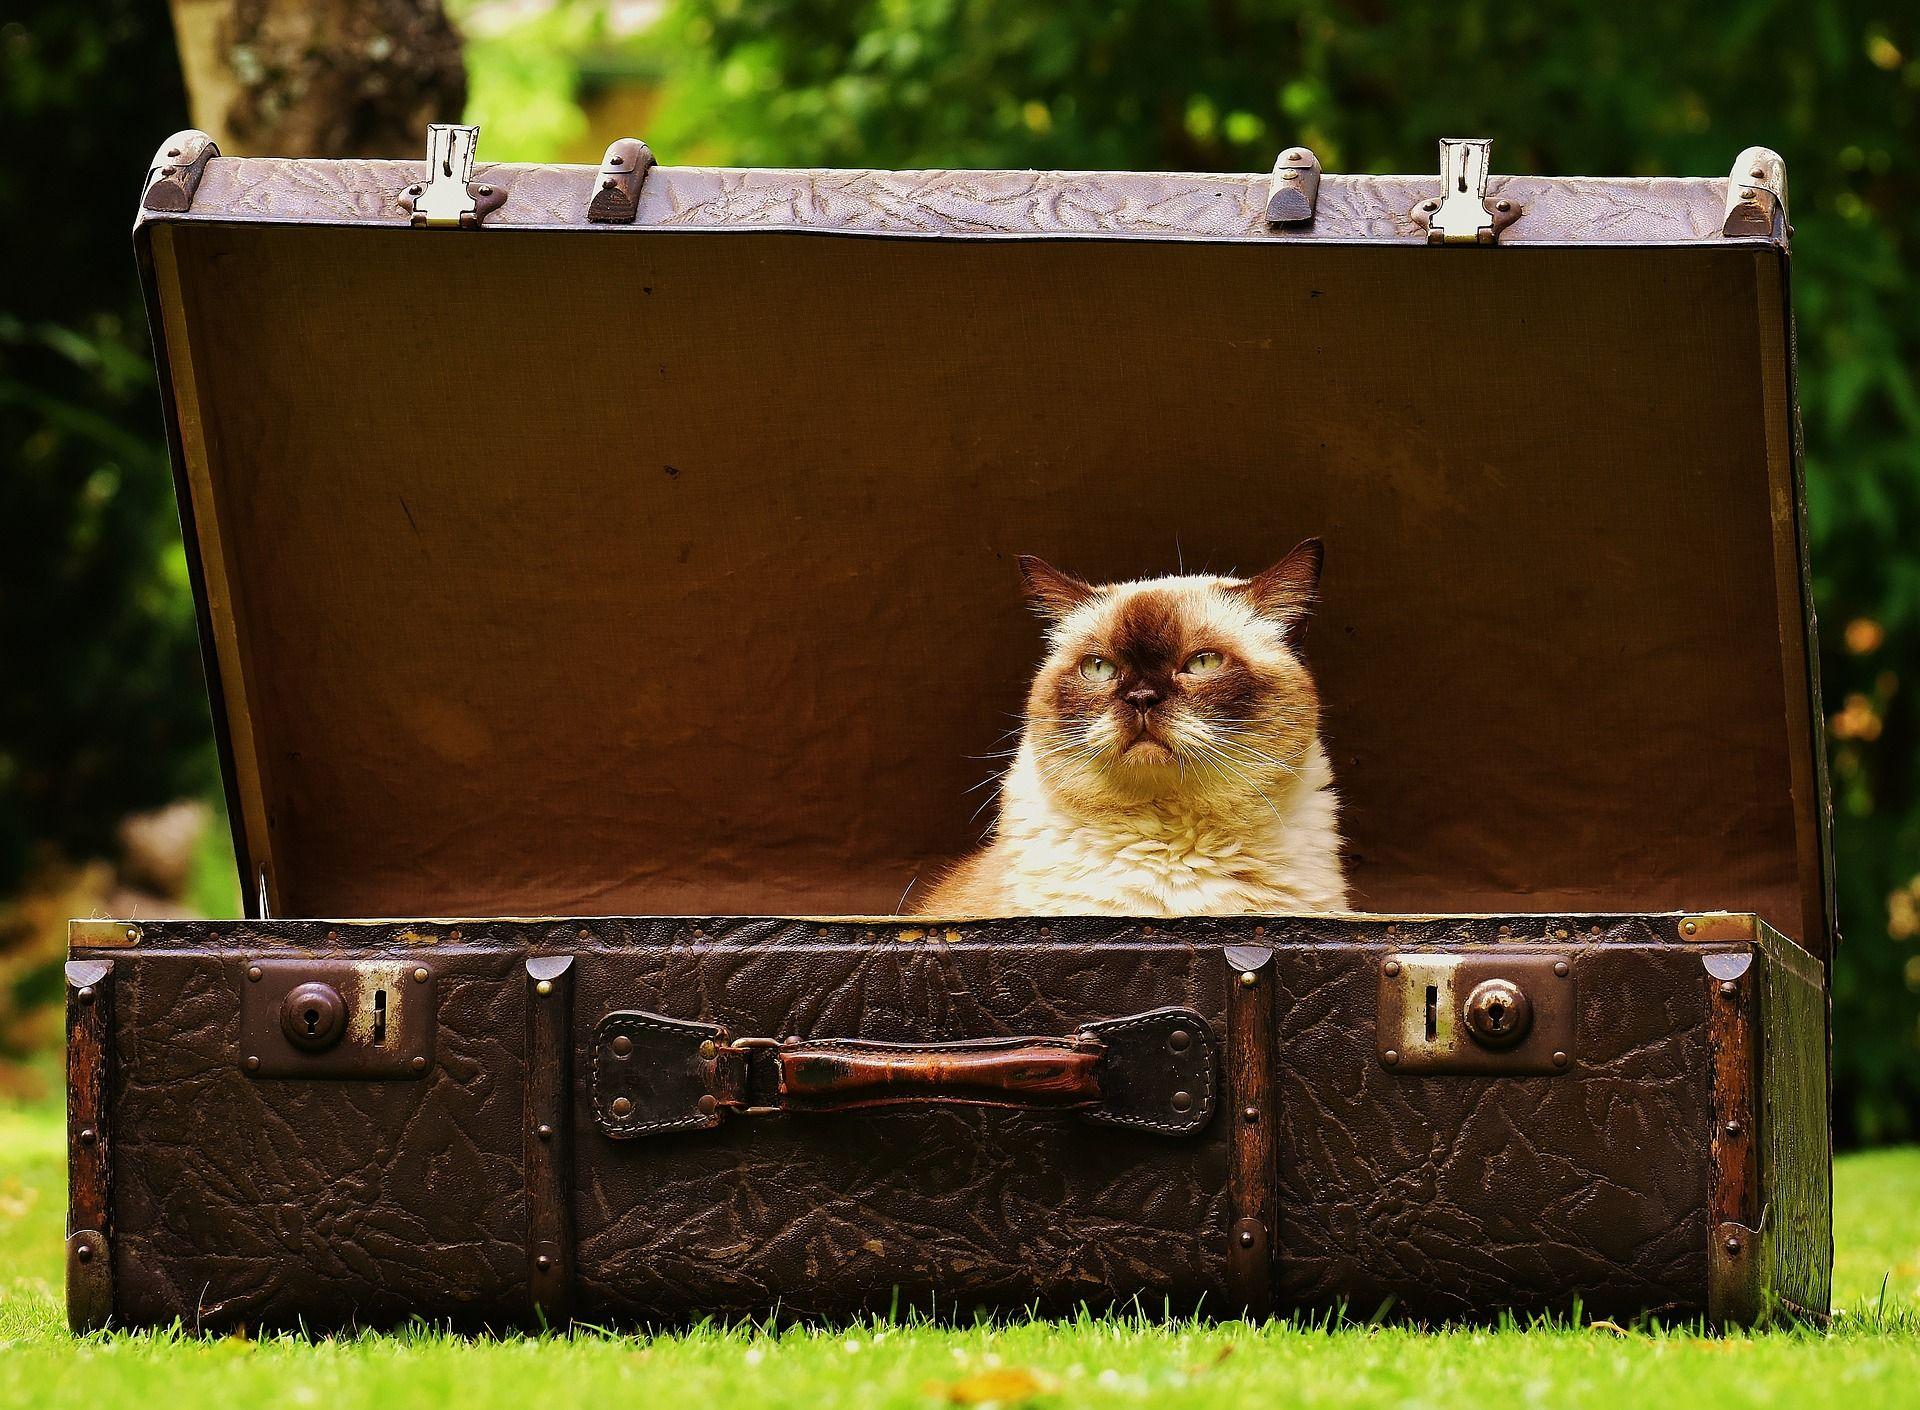 luggage-1643010_1920.jpg.5d9527fdcd39890